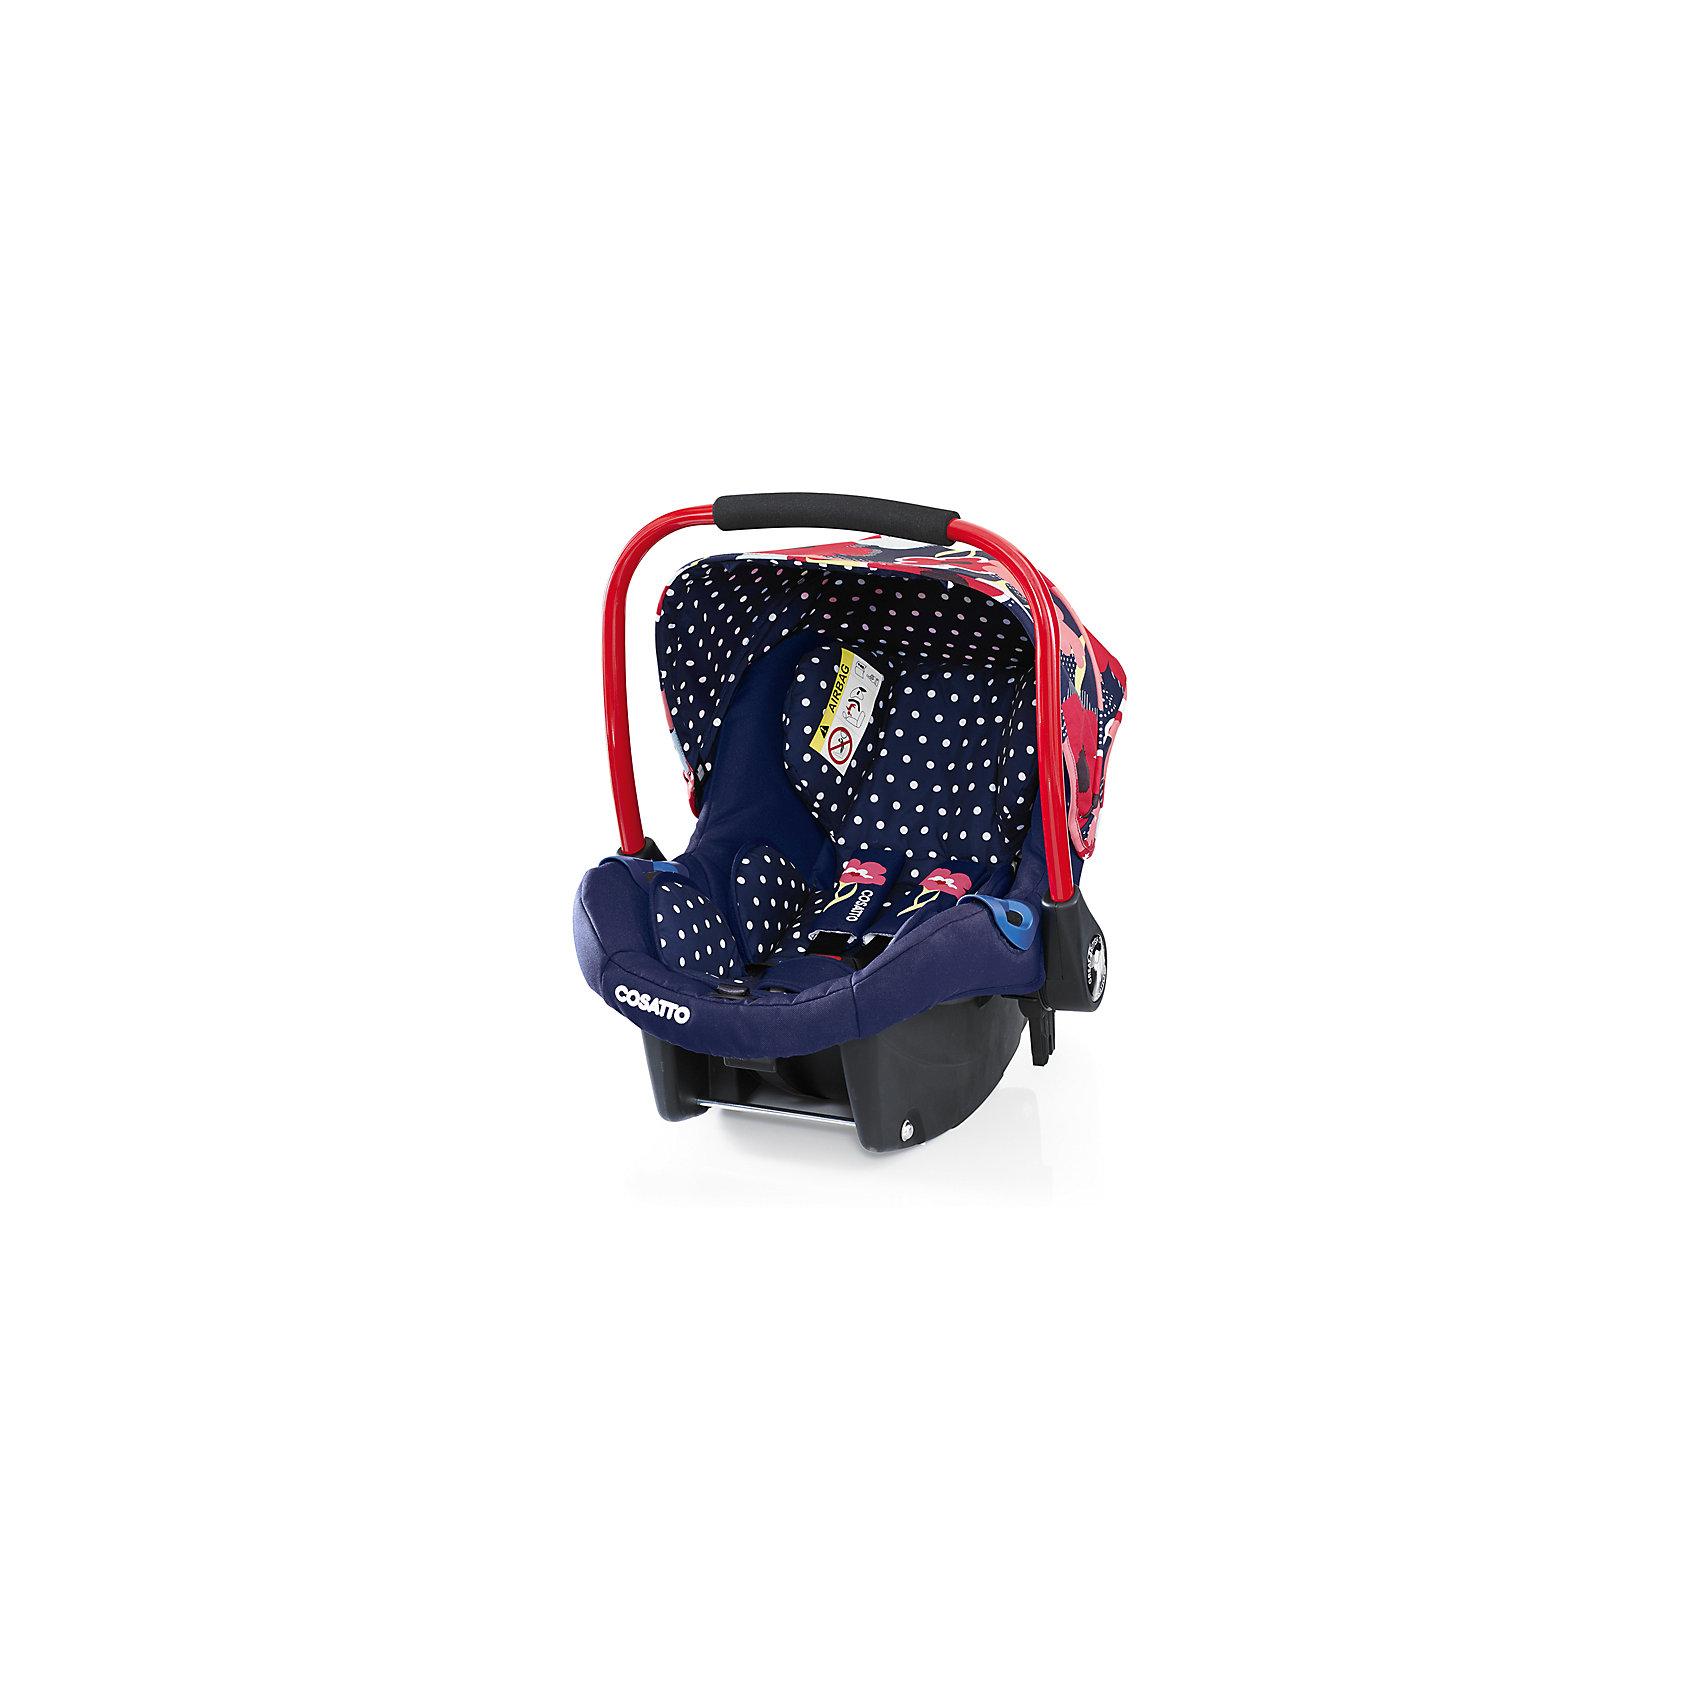 Автокресло Cosatto Port, 0-13 кг., Proper PoppyГруппа 0+ (До 13 кг)<br>Детское автокресло COSSATO PORT предназначено для безопасных и комфортных поездок в автомобиле. <br><br>Также кресло может быть установлено на шасси колясок COSATTO Fly, Wish и Ooba.<br><br>Характеристики:<br><br>    Автокресло группы 0+ для детей с рождения весом до 13 кг<br>    Устанавливается против хода движения автомобиля<br>    Возможность установки на заднем и переднем сидении автомобиля при отсутствии подушки безопасности<br>    Крепление штатным ремнем безопасности автомобиля или с помощью базы Isofix (приобретается отдельно)<br>    5-точечные ремни безопасности с мягкими накладками имеют 2 положения крепления<br>    Анатомический вкладыш обеспечивает максимальный комфорт даже для новорожденного ребенка<br>    Удобная подушка для головы, мягкие накладки на грудь и живот малыша<br>    Защита боковинок<br>    Оборудовано удобной ручкой для переноски малыша, не доставая его из автокресла<br>    Съемный козырек<br>    Сзади расположен бардачек<br>    Может использоваться как кресло-качалка<br>    Чехлы из прочной ткани пригодны для чистки и стирки<br>    Возможность установки на шасси колясок Cosatto Fly, Wish, Ooba, Wow, Woop<br>    В комплекте: вкладка для новорожденных, нагрудные подушечки и мягкая защита крепления<br><br>Размеры:<br><br>Общие (Д х Ш х Г), см: 69 х 43 х 59<br><br>Ширина мм: 750<br>Глубина мм: 450<br>Высота мм: 390<br>Вес г: 6000<br>Возраст от месяцев: -2147483648<br>Возраст до месяцев: 2147483647<br>Пол: Унисекс<br>Возраст: Детский<br>SKU: 5629492